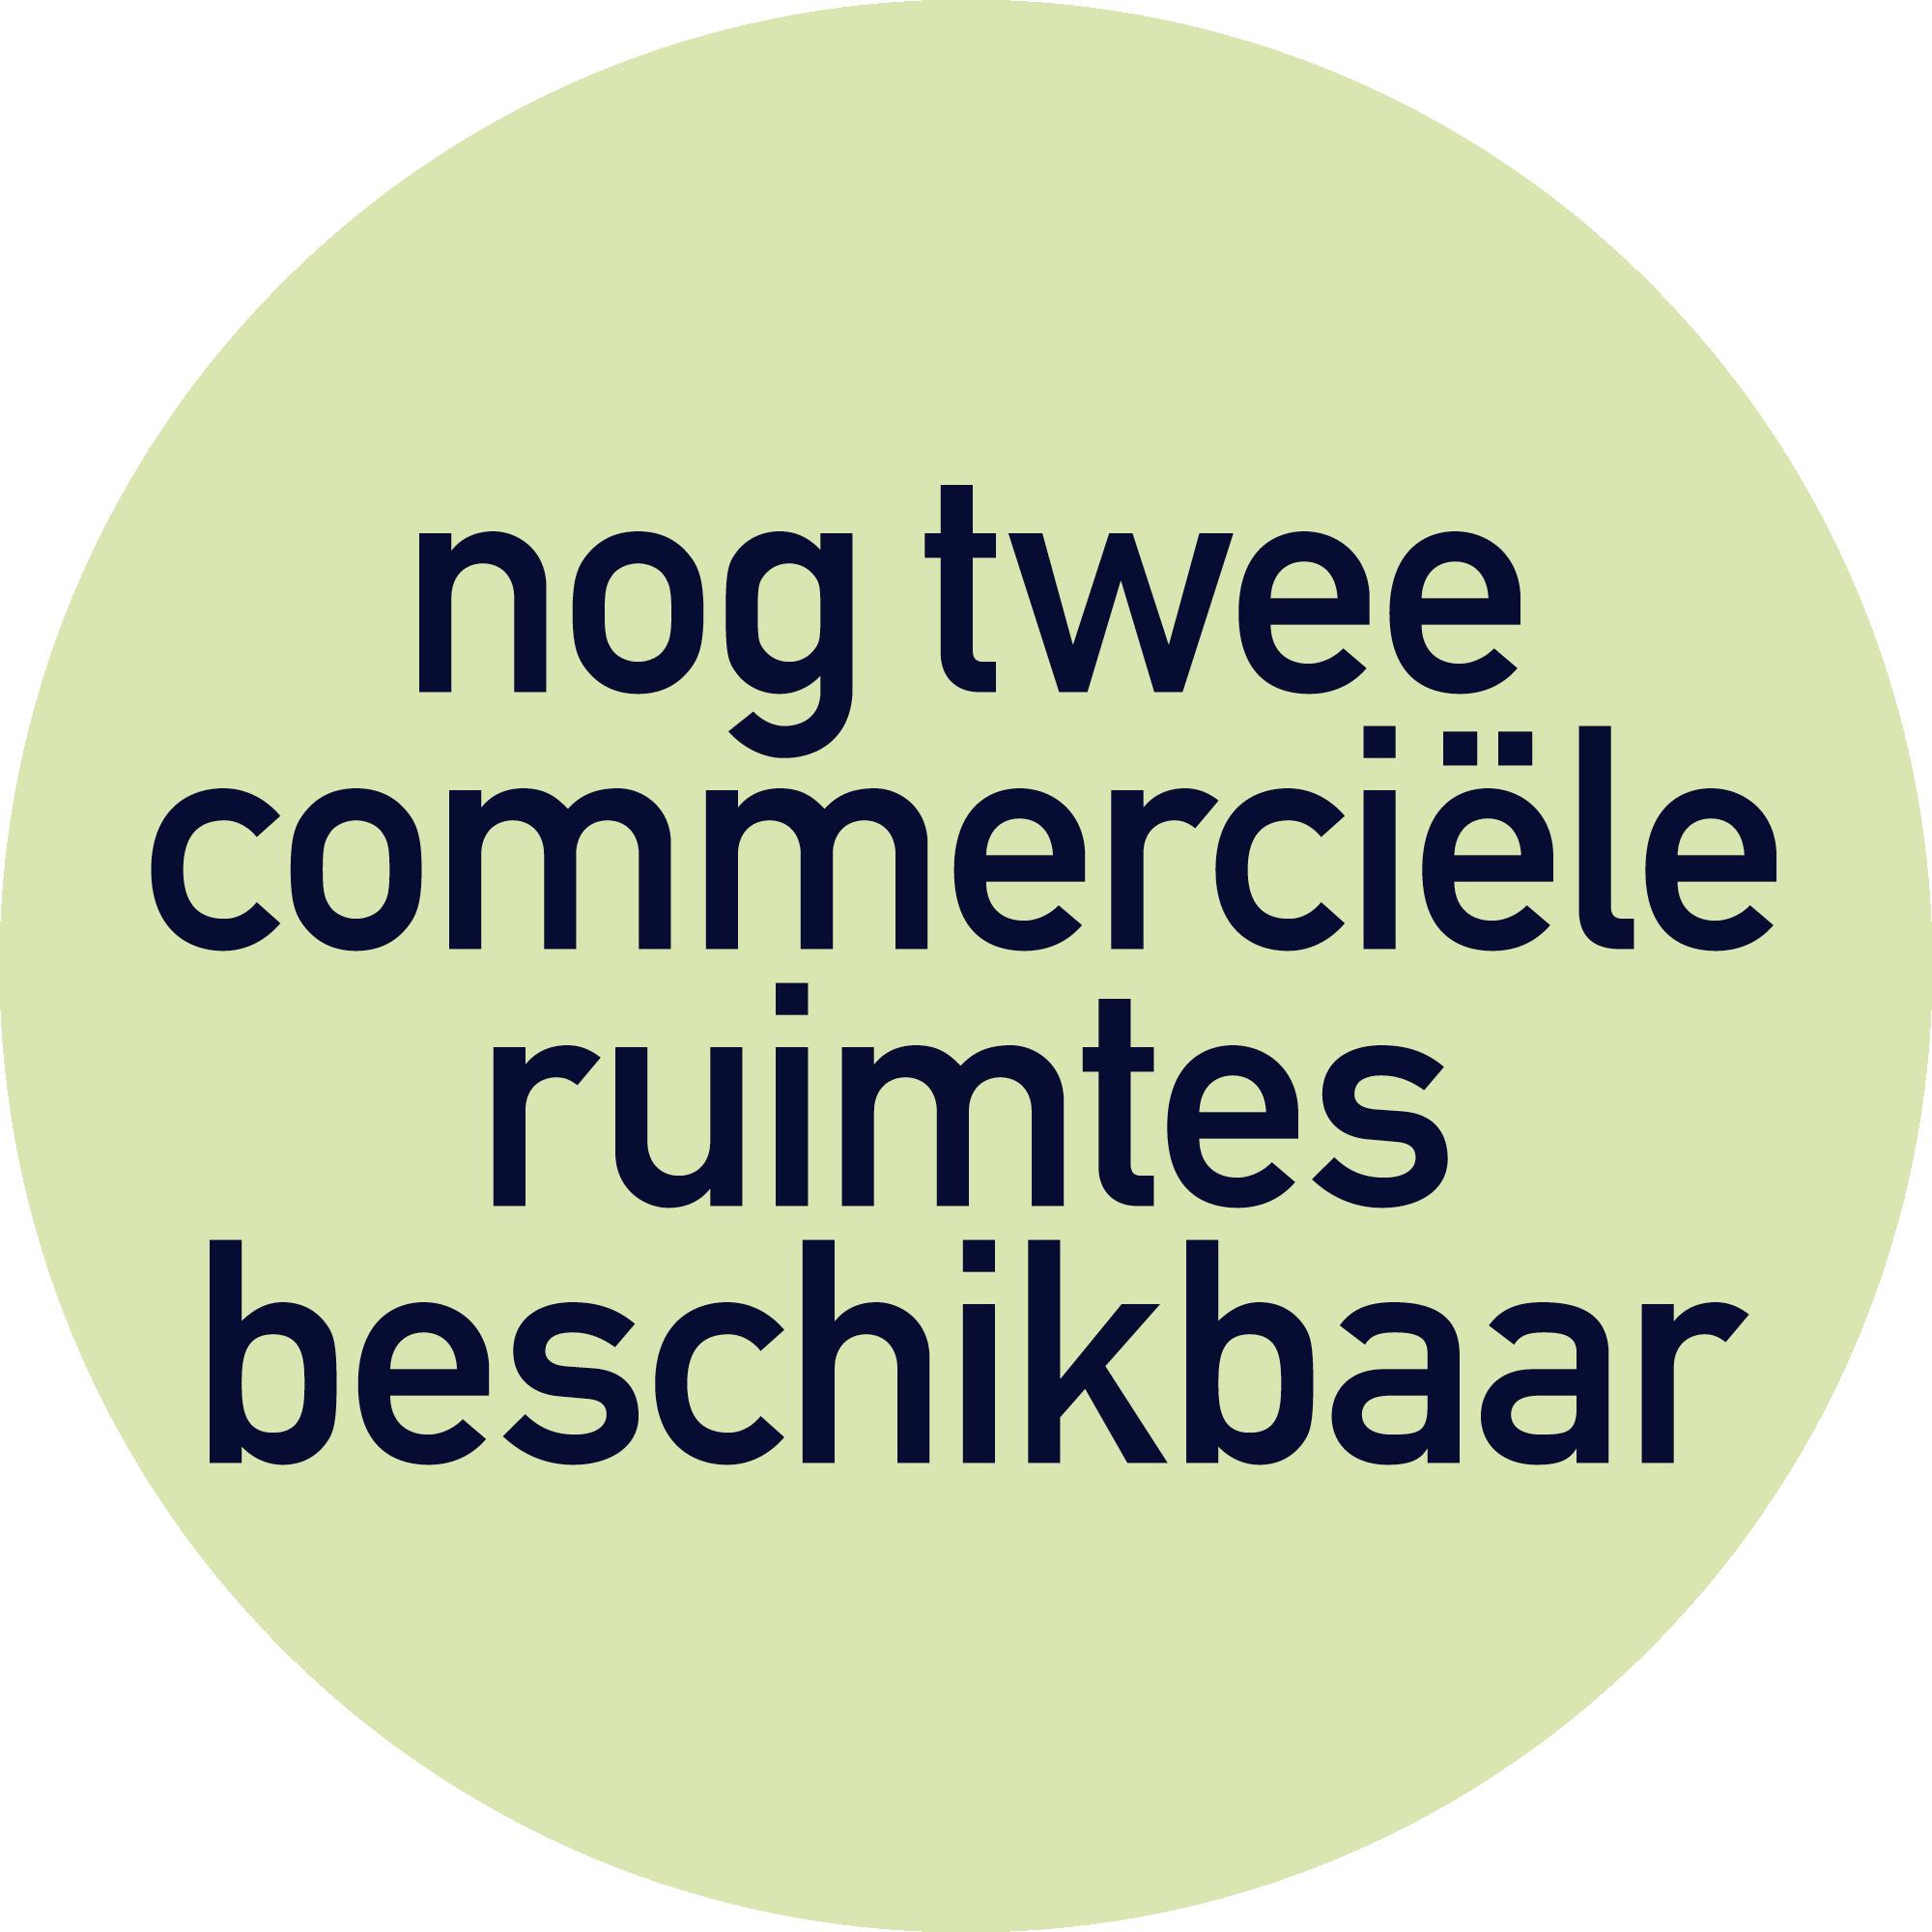 MAAN_commerciele_ruimten.png